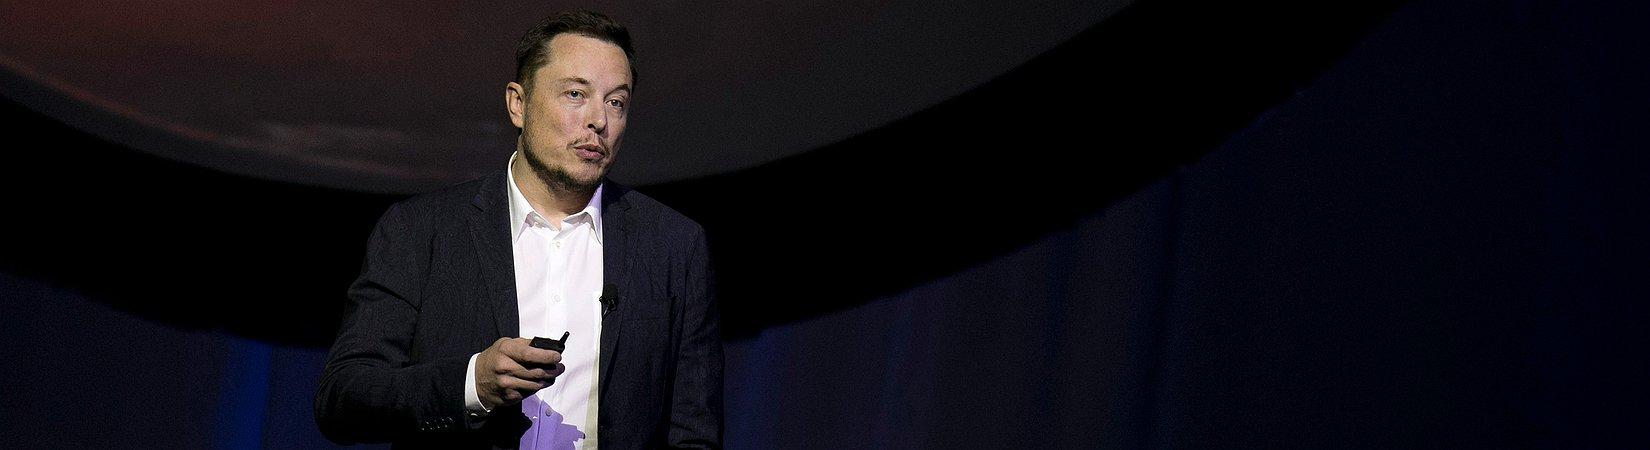 Elon Musk annuncia la presentazione del camion a guida autonoma di Tesla